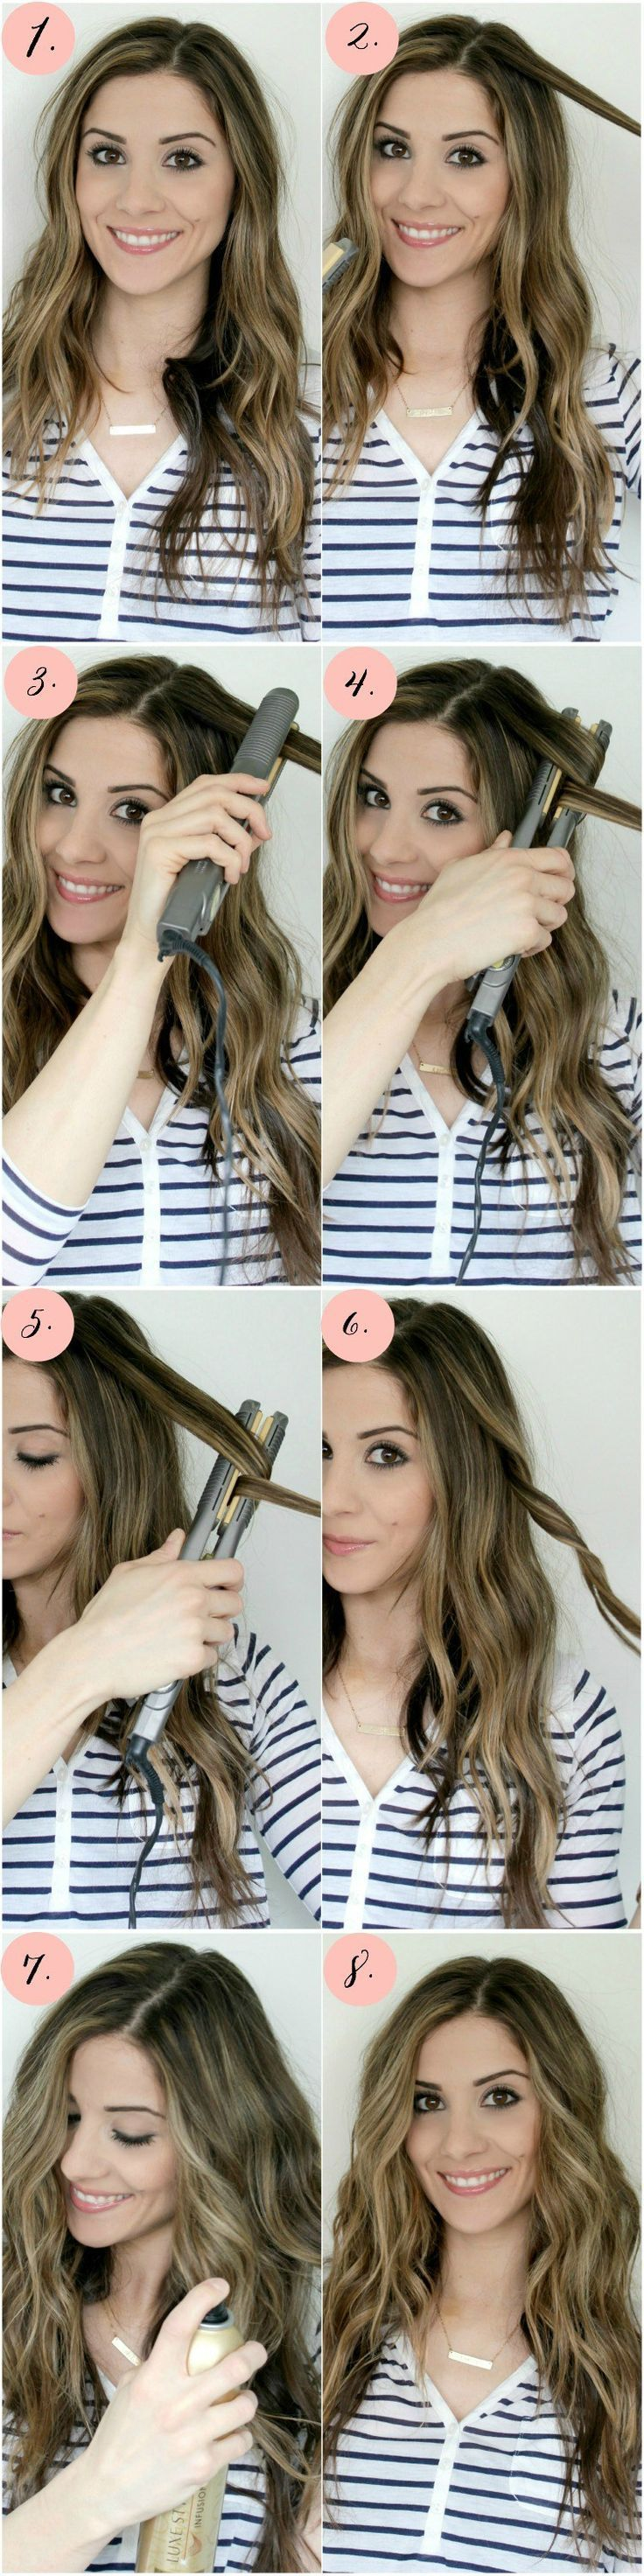 Flat Iron Curls Tutorial